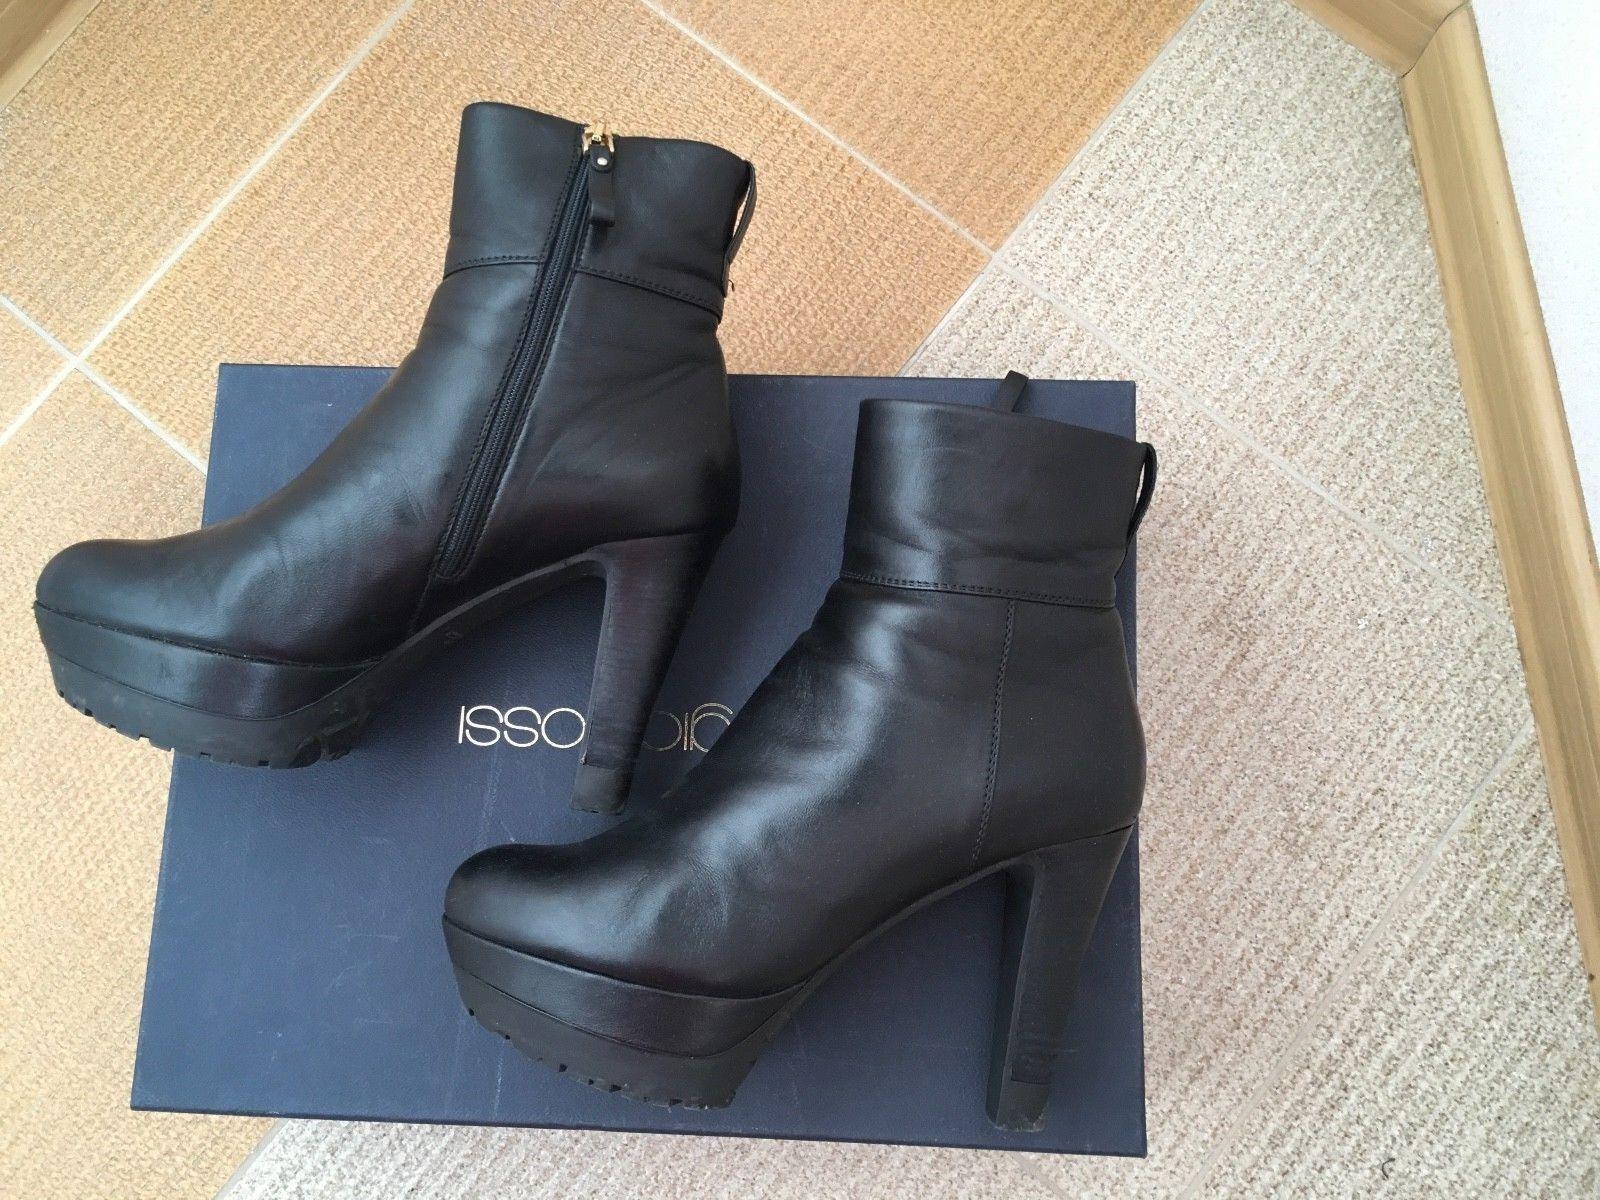 risparmiare sulla liquidazione Sergio Rossi Winter Winter Winter Ankle stivali,  40,5  prima qualità ai consumatori